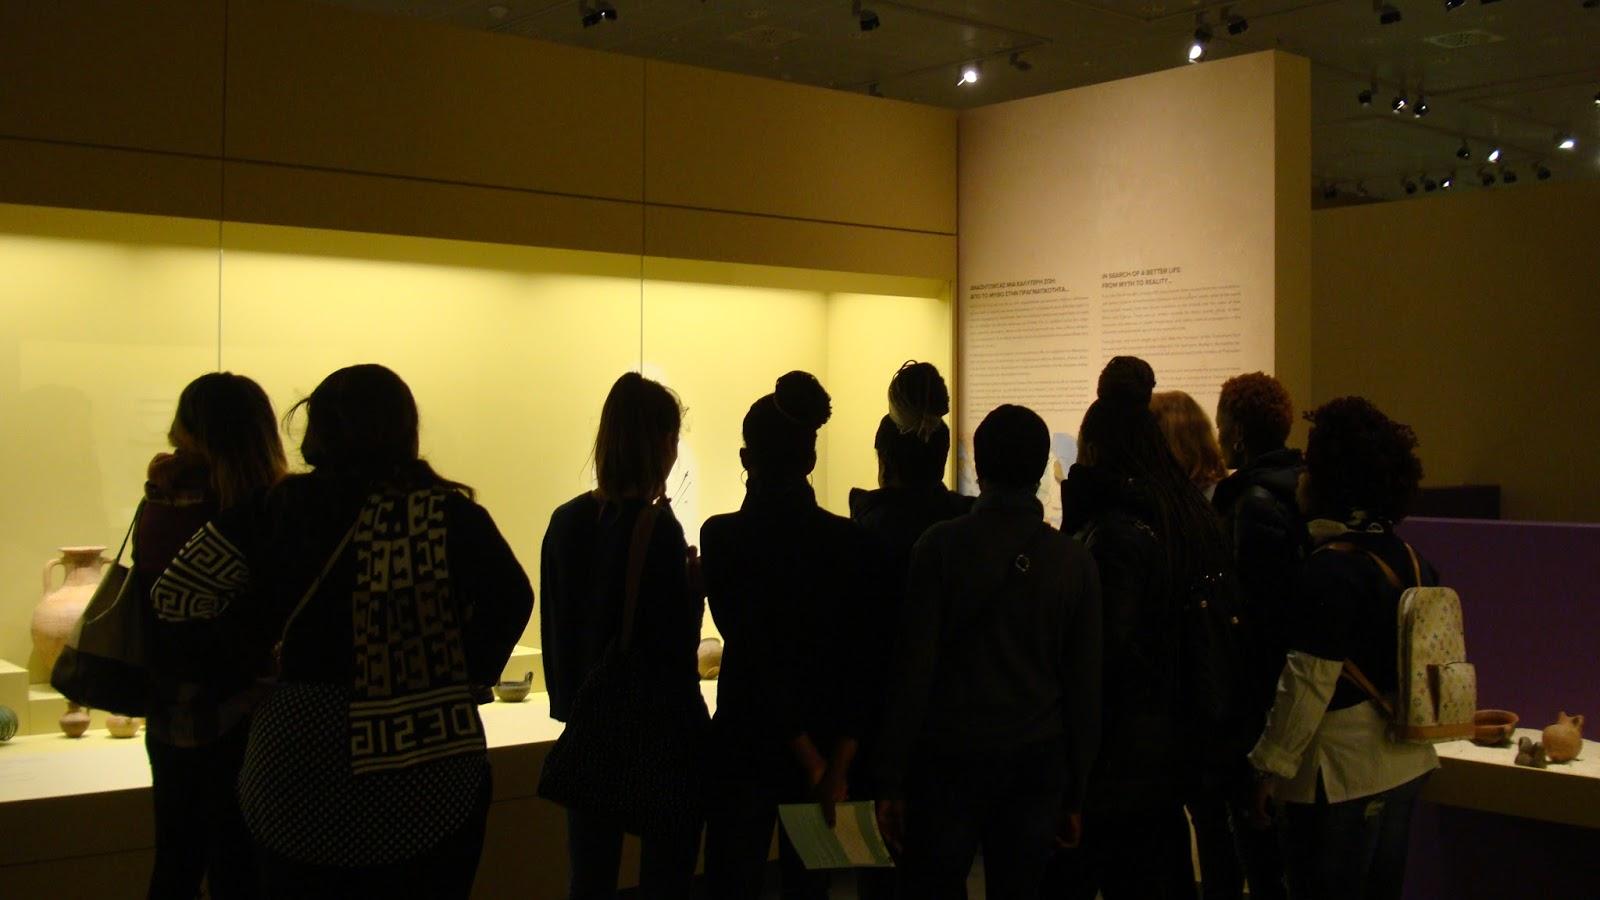 Εκπαιδευτική επίσκεψη γυναικών Προσφύγων στο Διαχρονικό Μουσείο Λάρισας